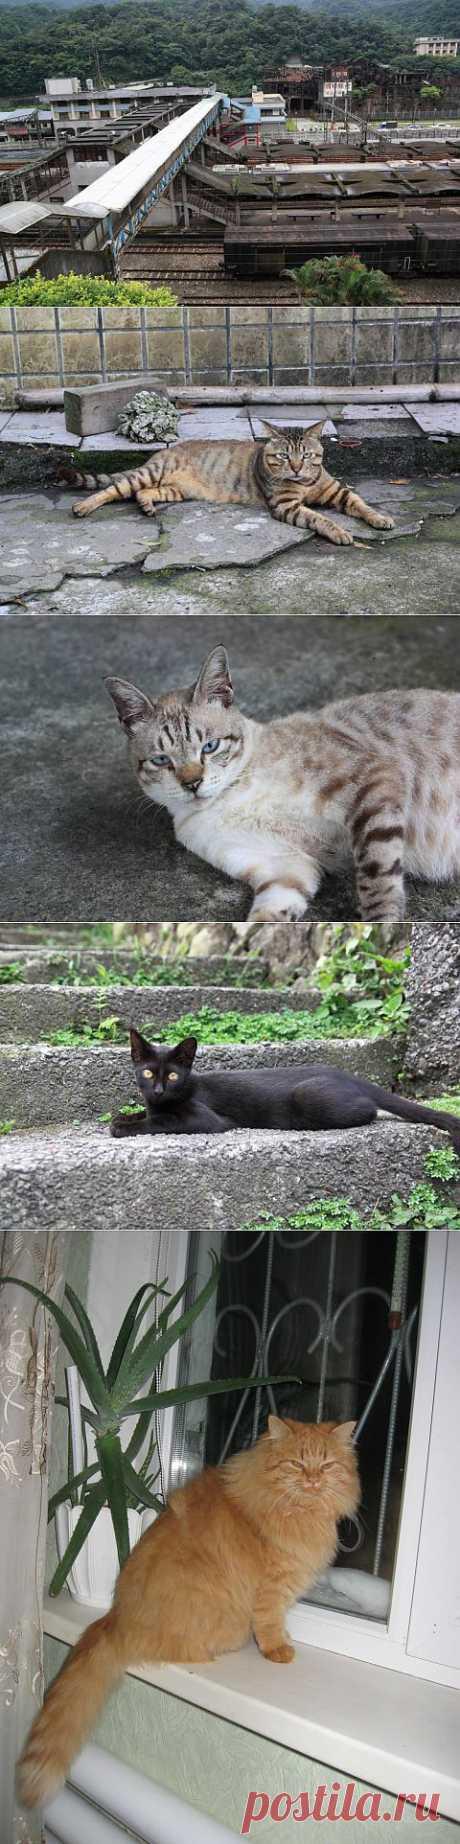 (+1) тема - Как кошки Хоутонг спасли | Непутевые заметки